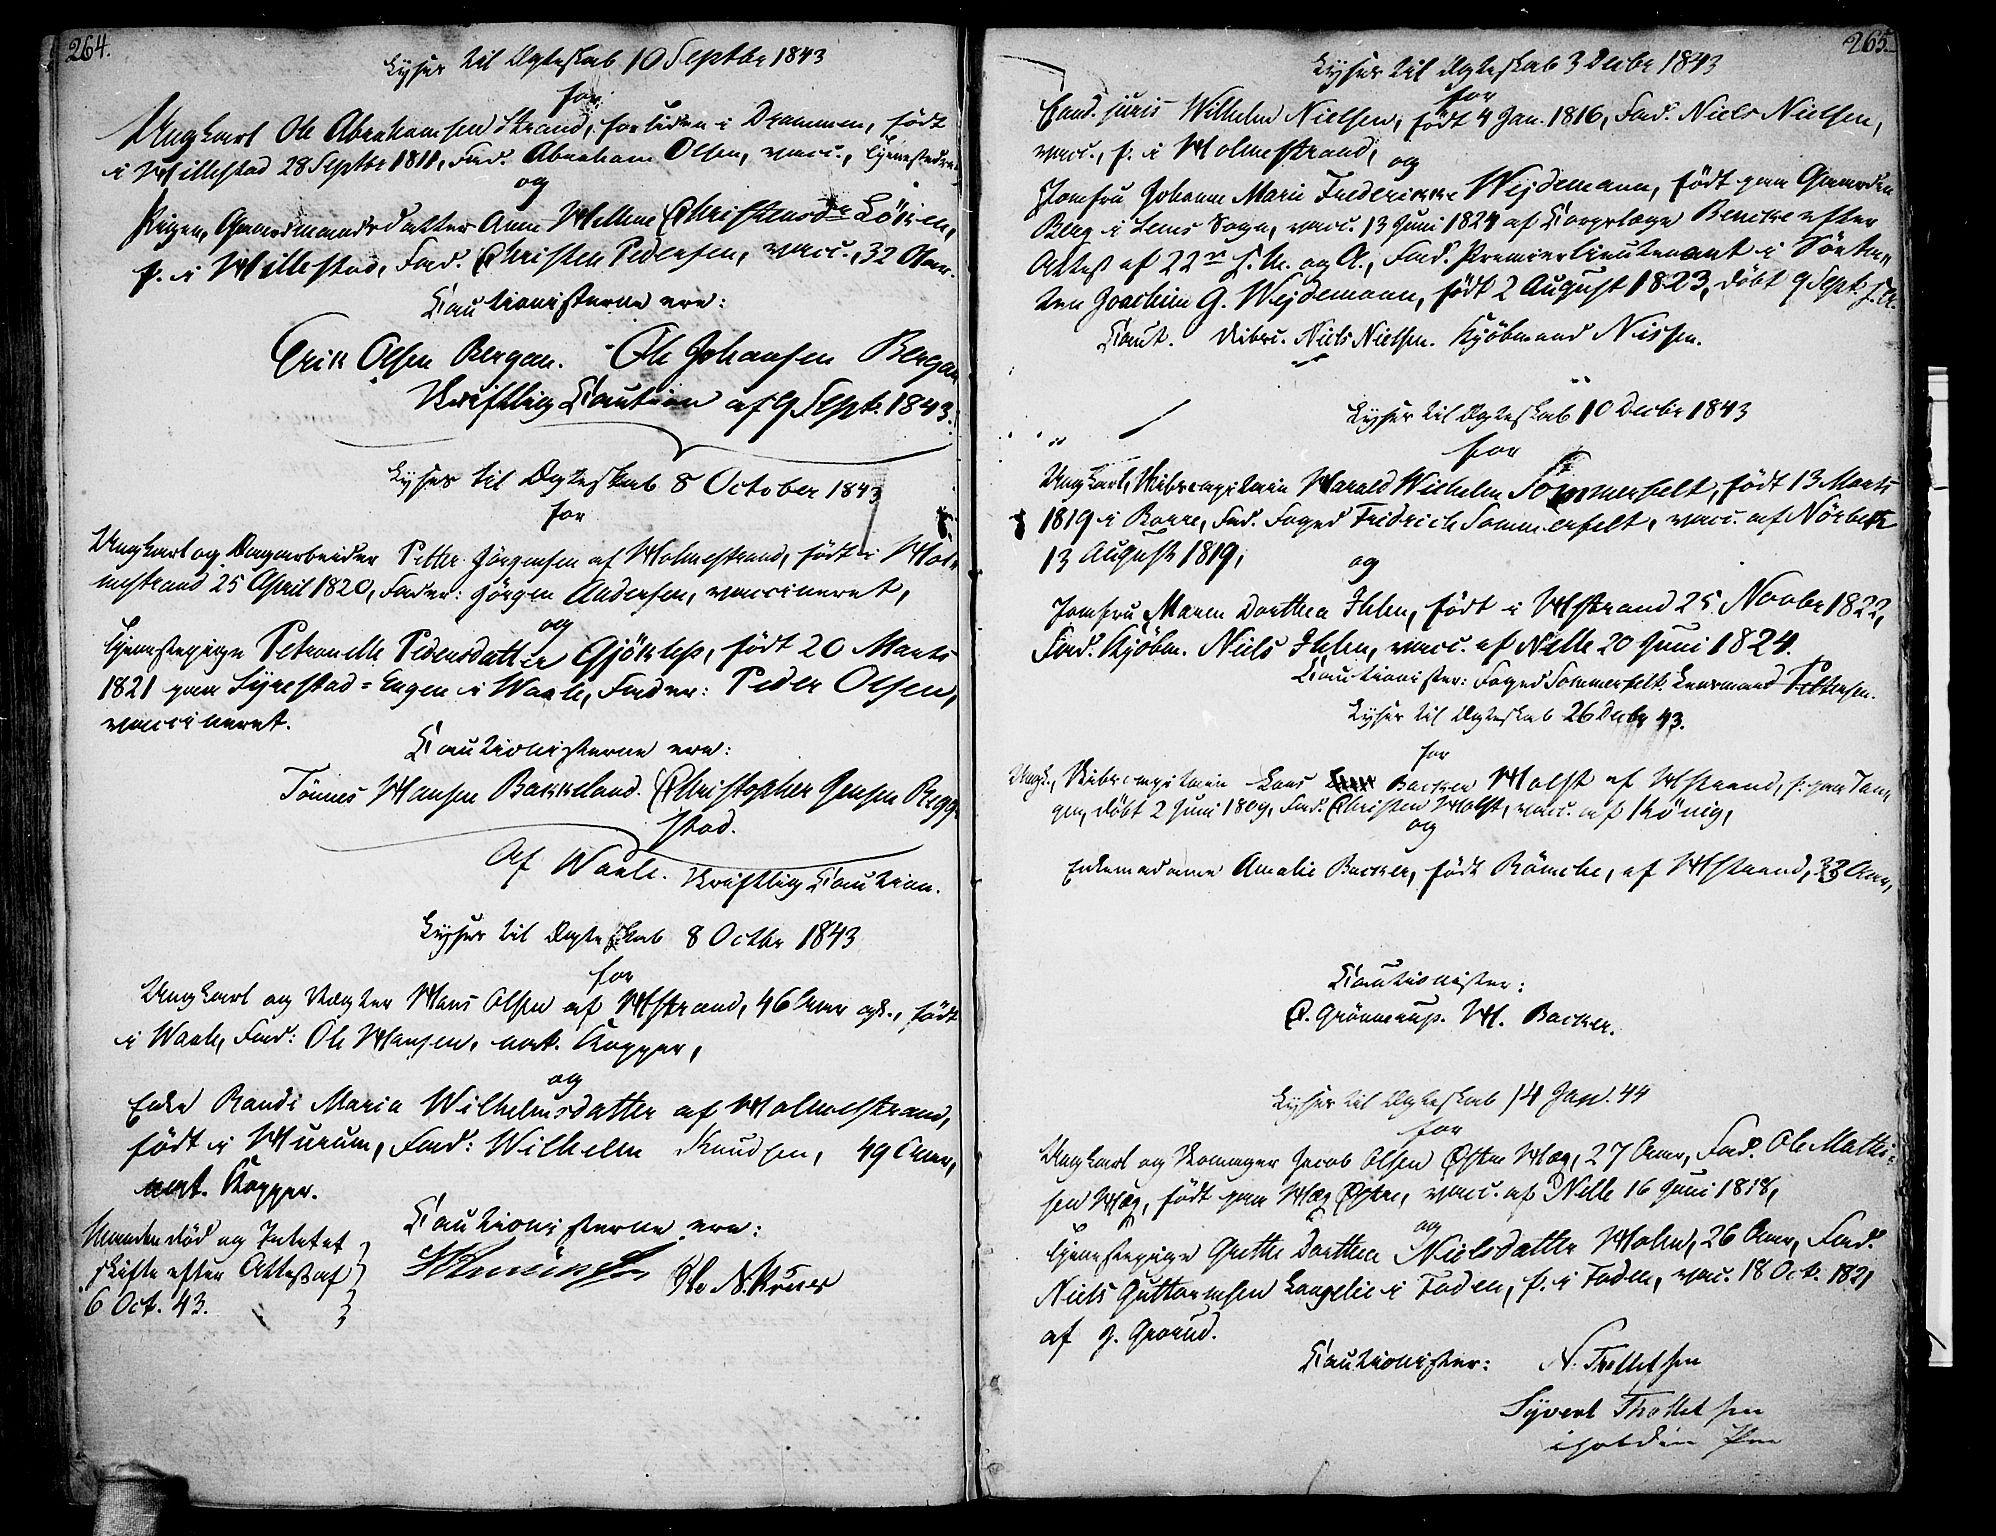 SAKO, Botne kirkebøker, F/Fa/L0003: Ministerialbok nr. I 3 /1, 1792-1844, s. 264-265